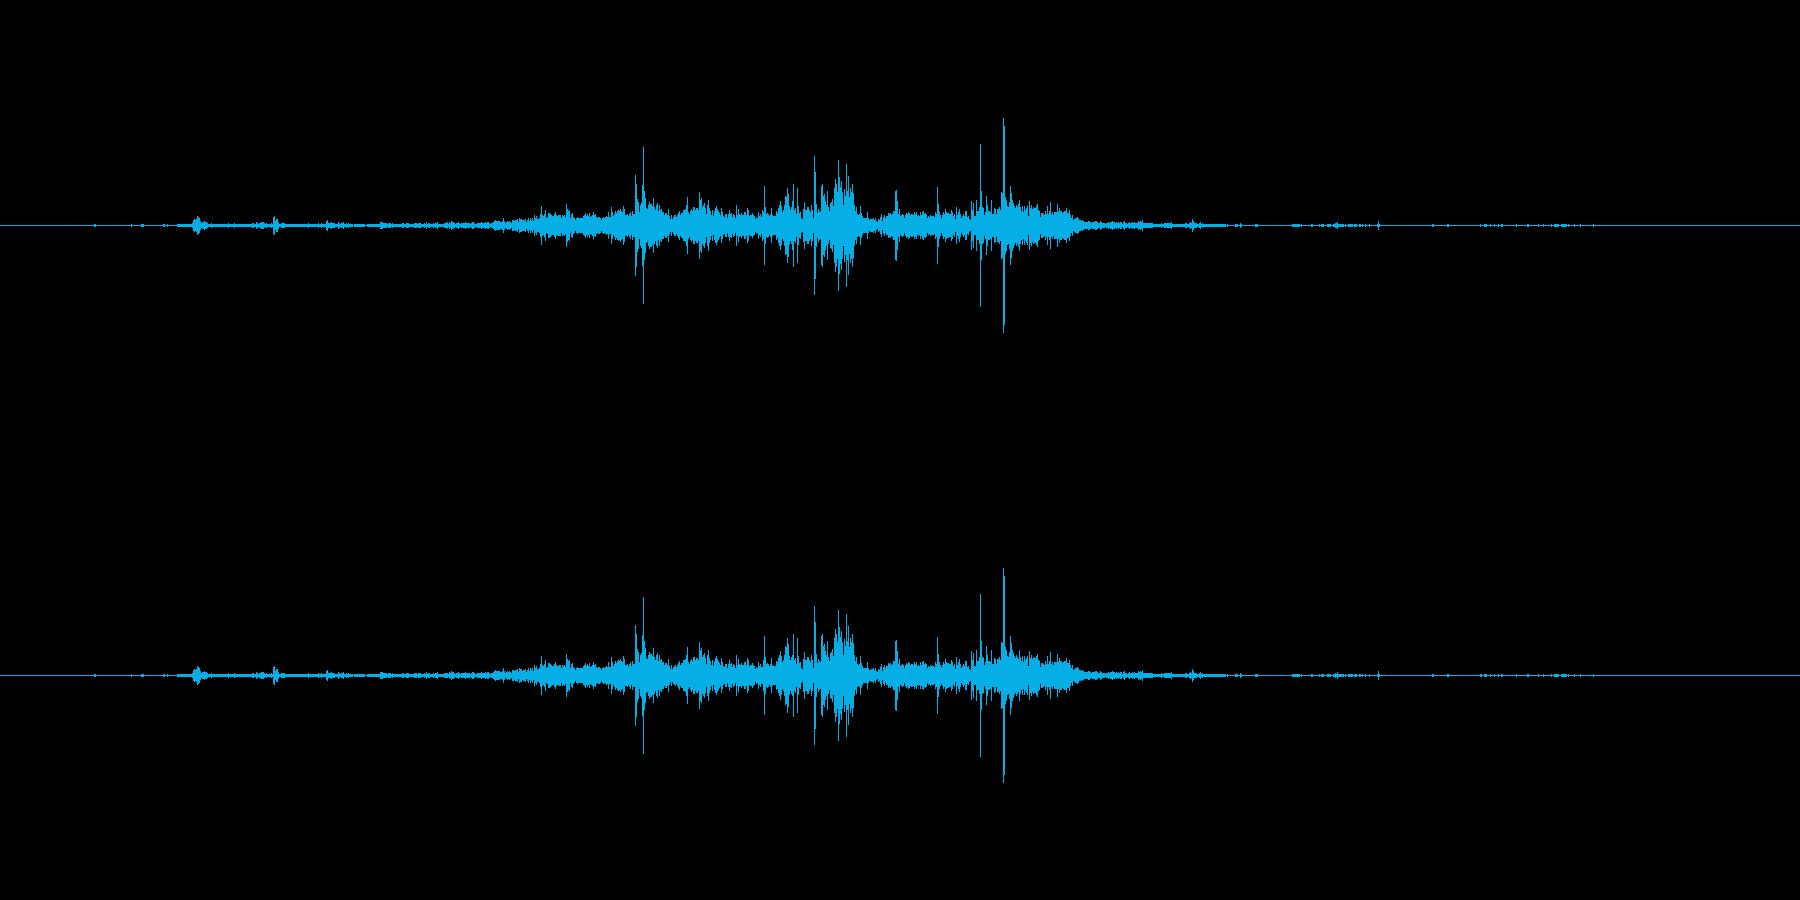 【マイク収録】シャクリとリンゴをかじる音の再生済みの波形